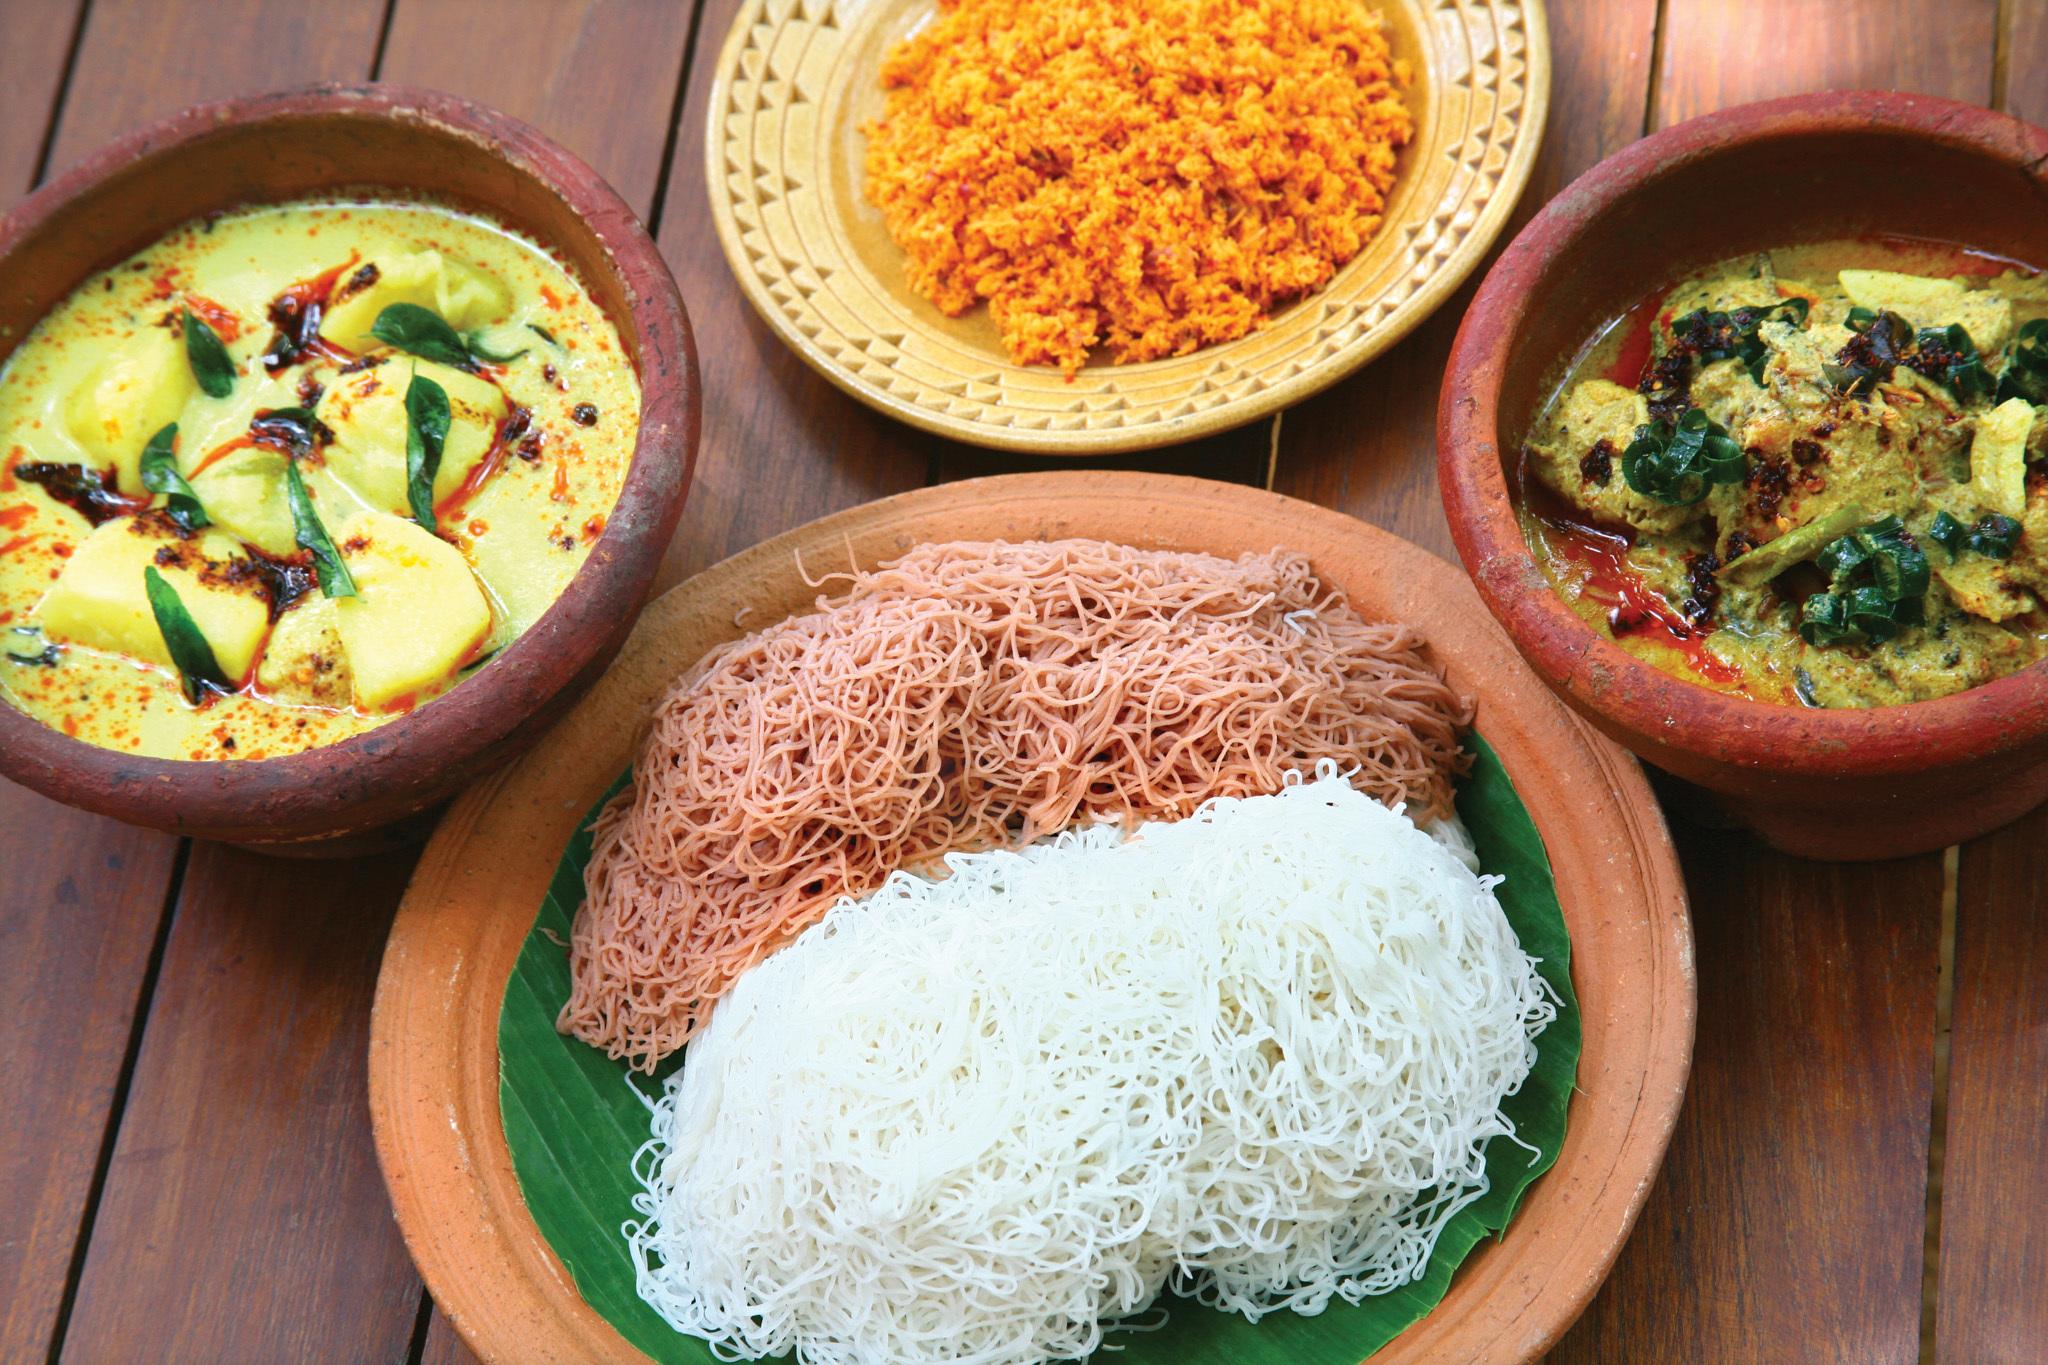 A scrumptious Sri Lankan meal